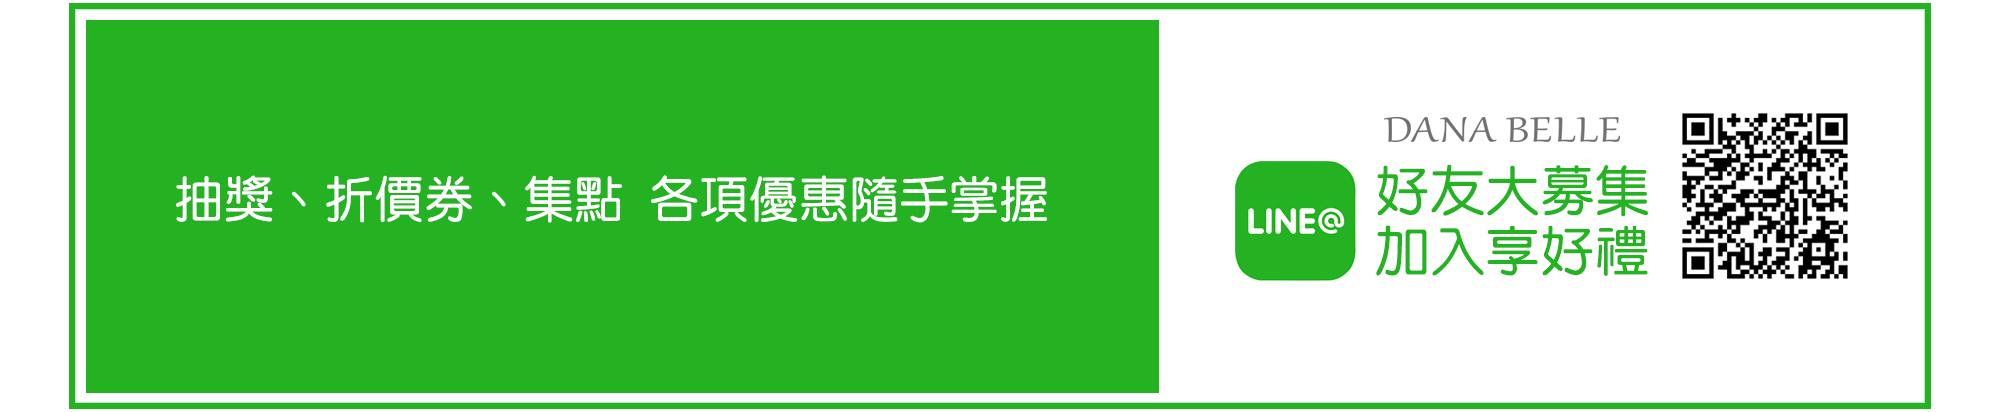 加入 Dana Belle Line@ 享抽獎,折價券,集點,優惠活動